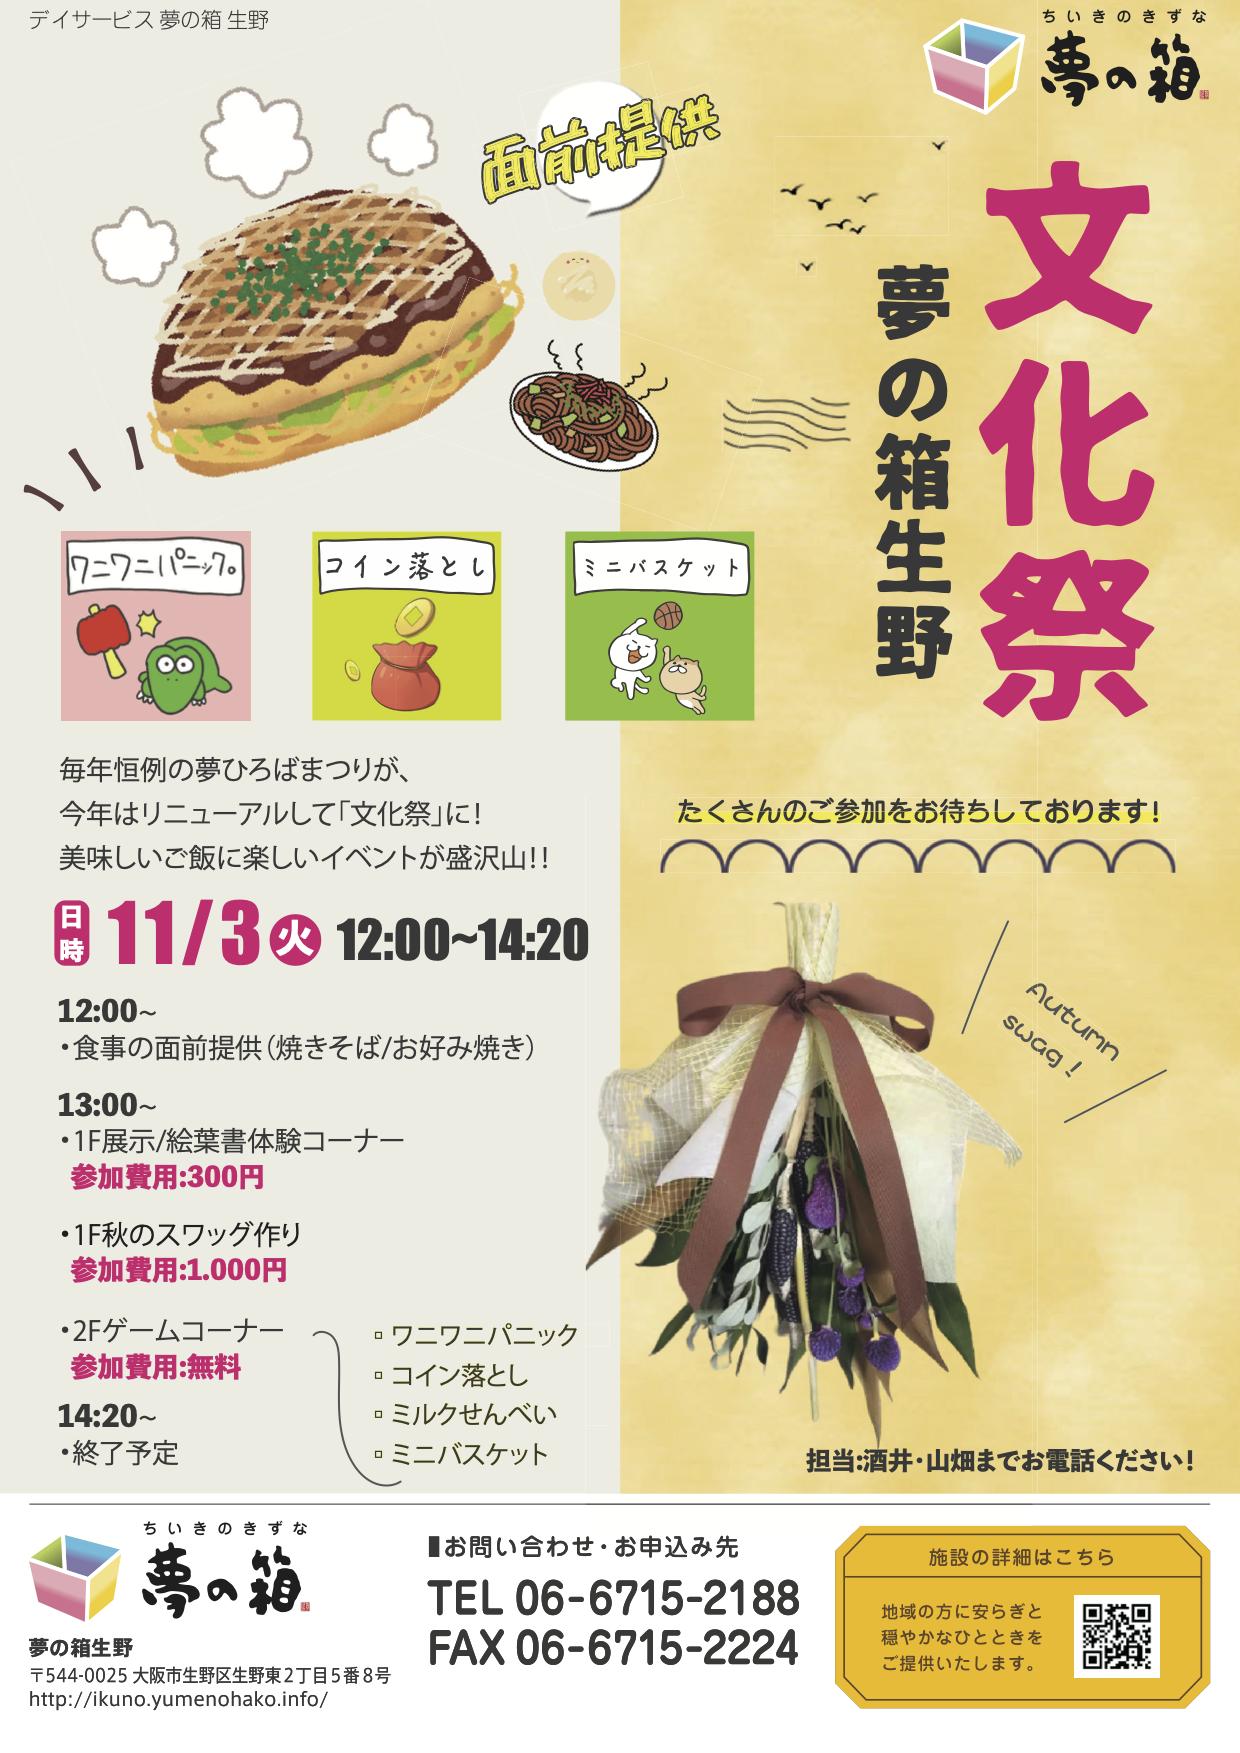 夢の箱生野 文化祭のご案内(11月3日12:00~)